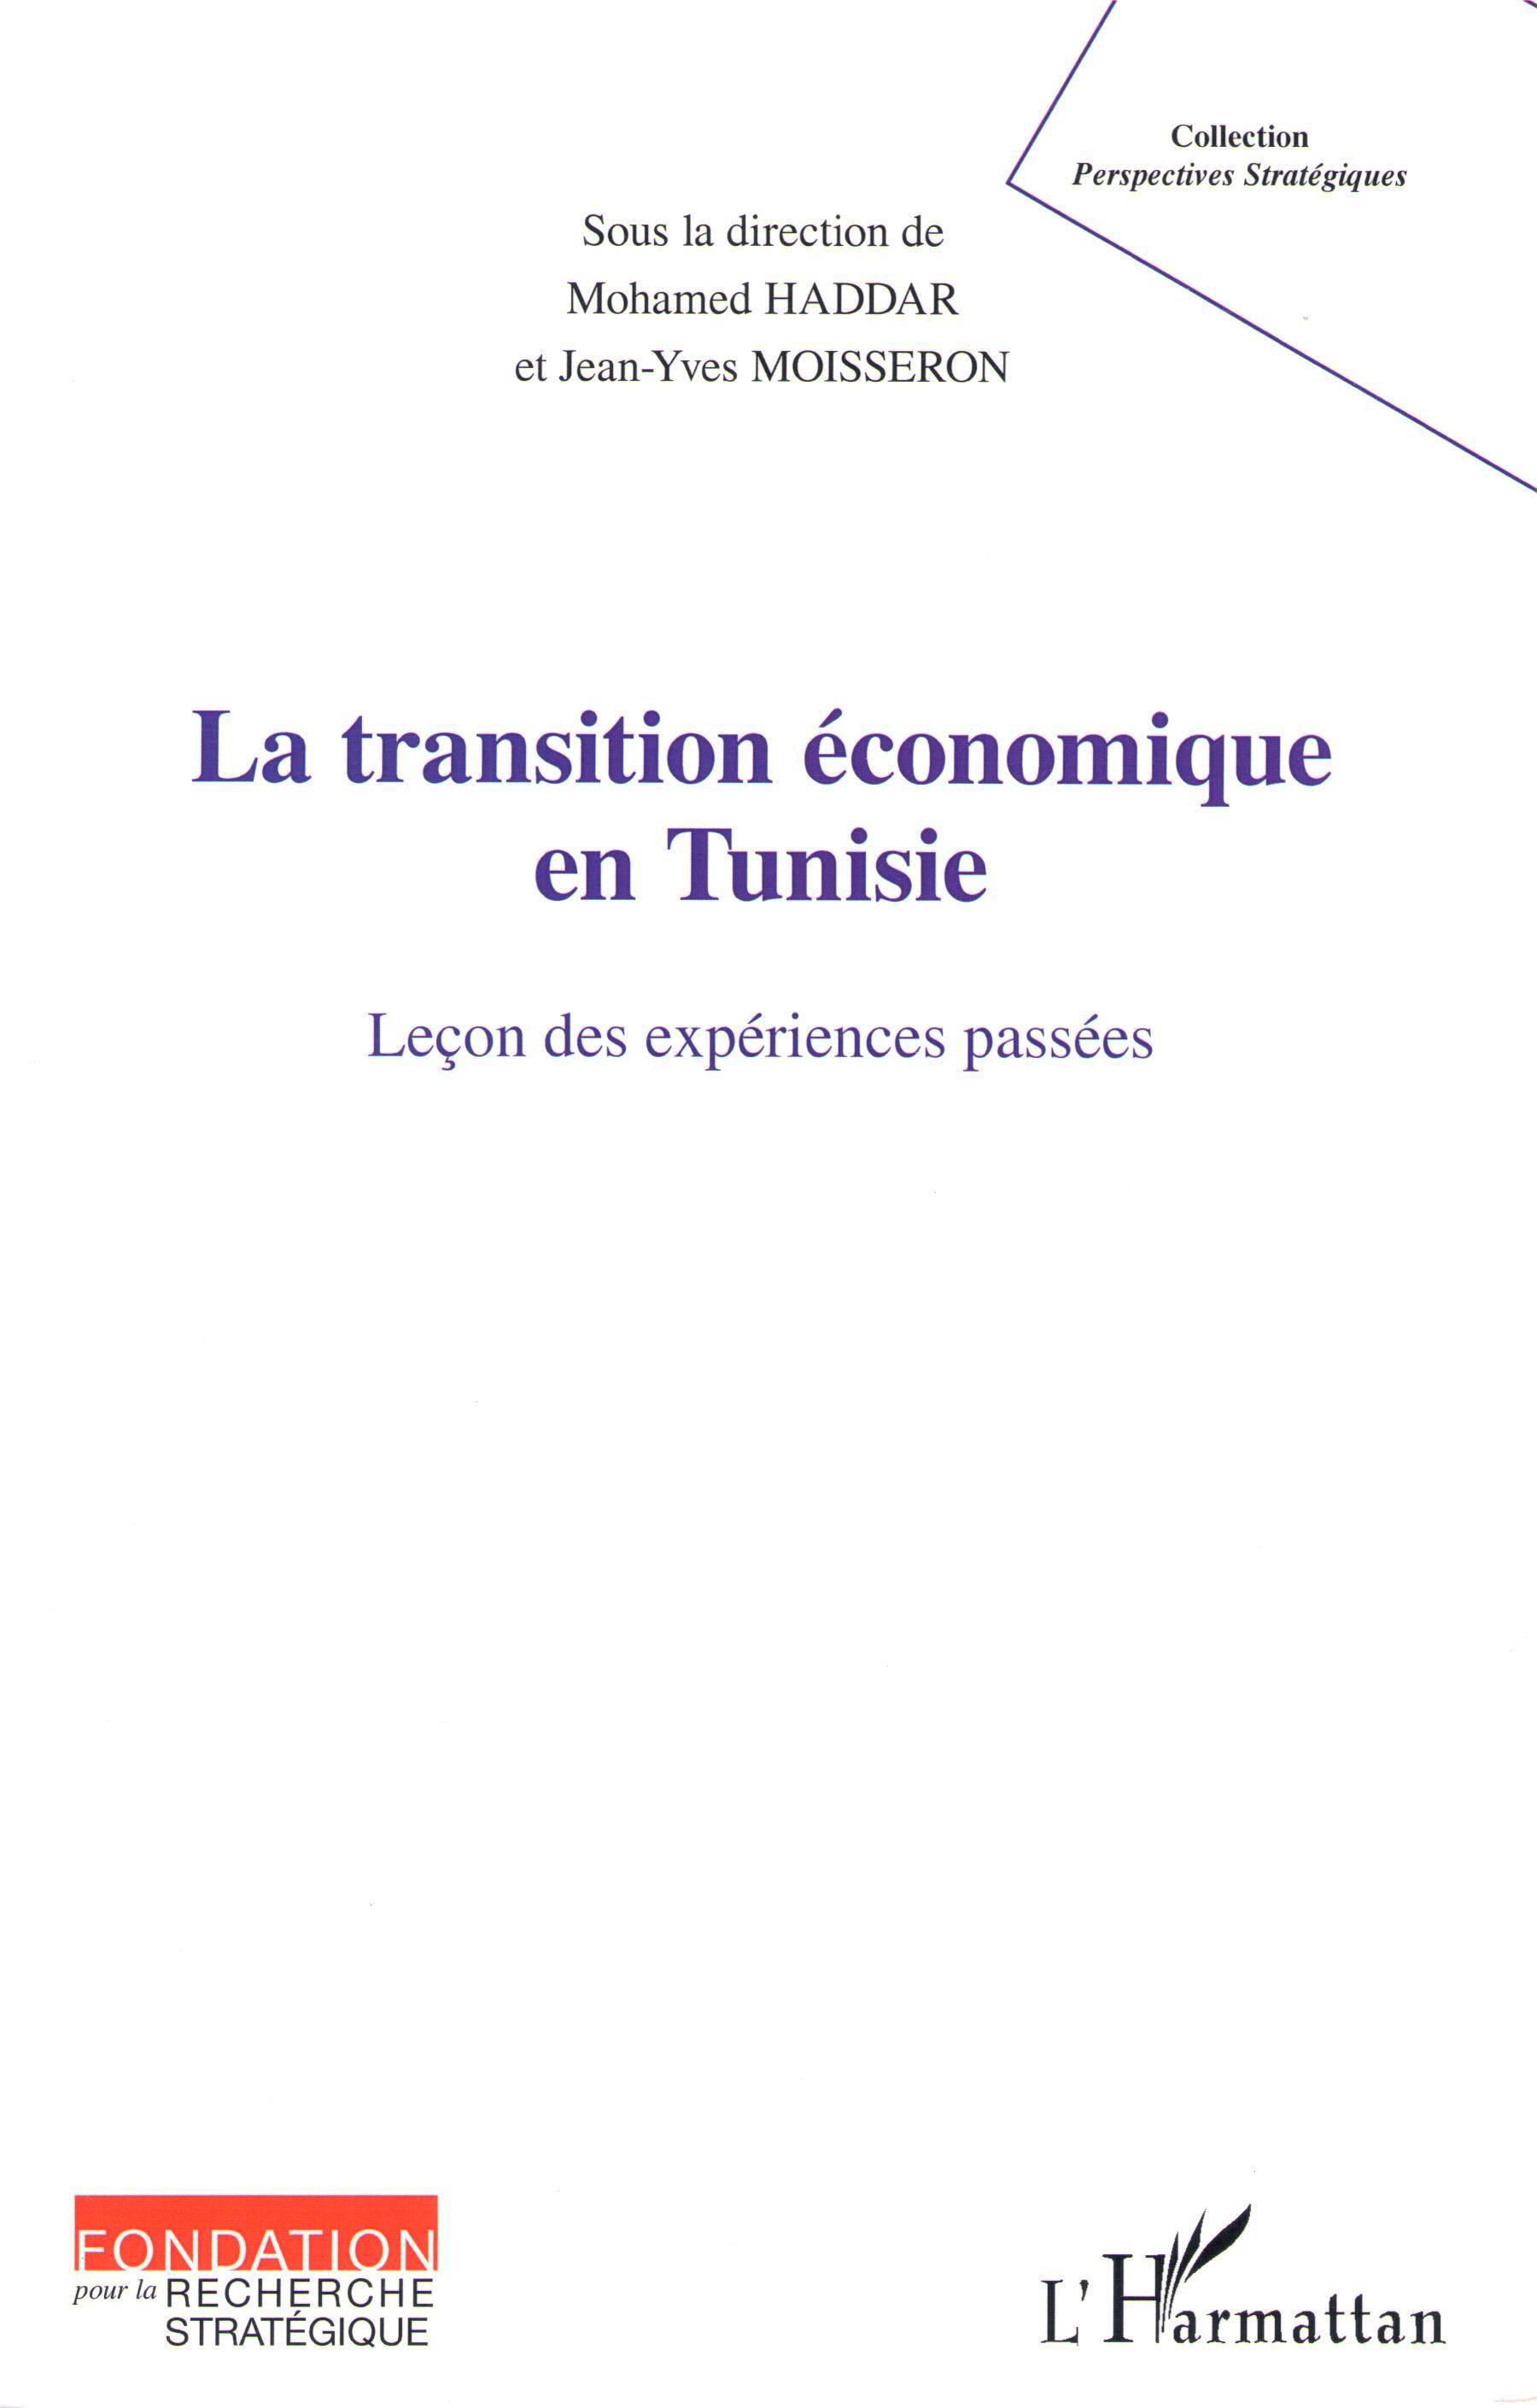 Mohamed Haddar & Jean-Yves Moisseron (dir.), Collection « Perspectives stratégiques », Éditions L'Harmattan - Fondation pour la recherche stratégique, 2012